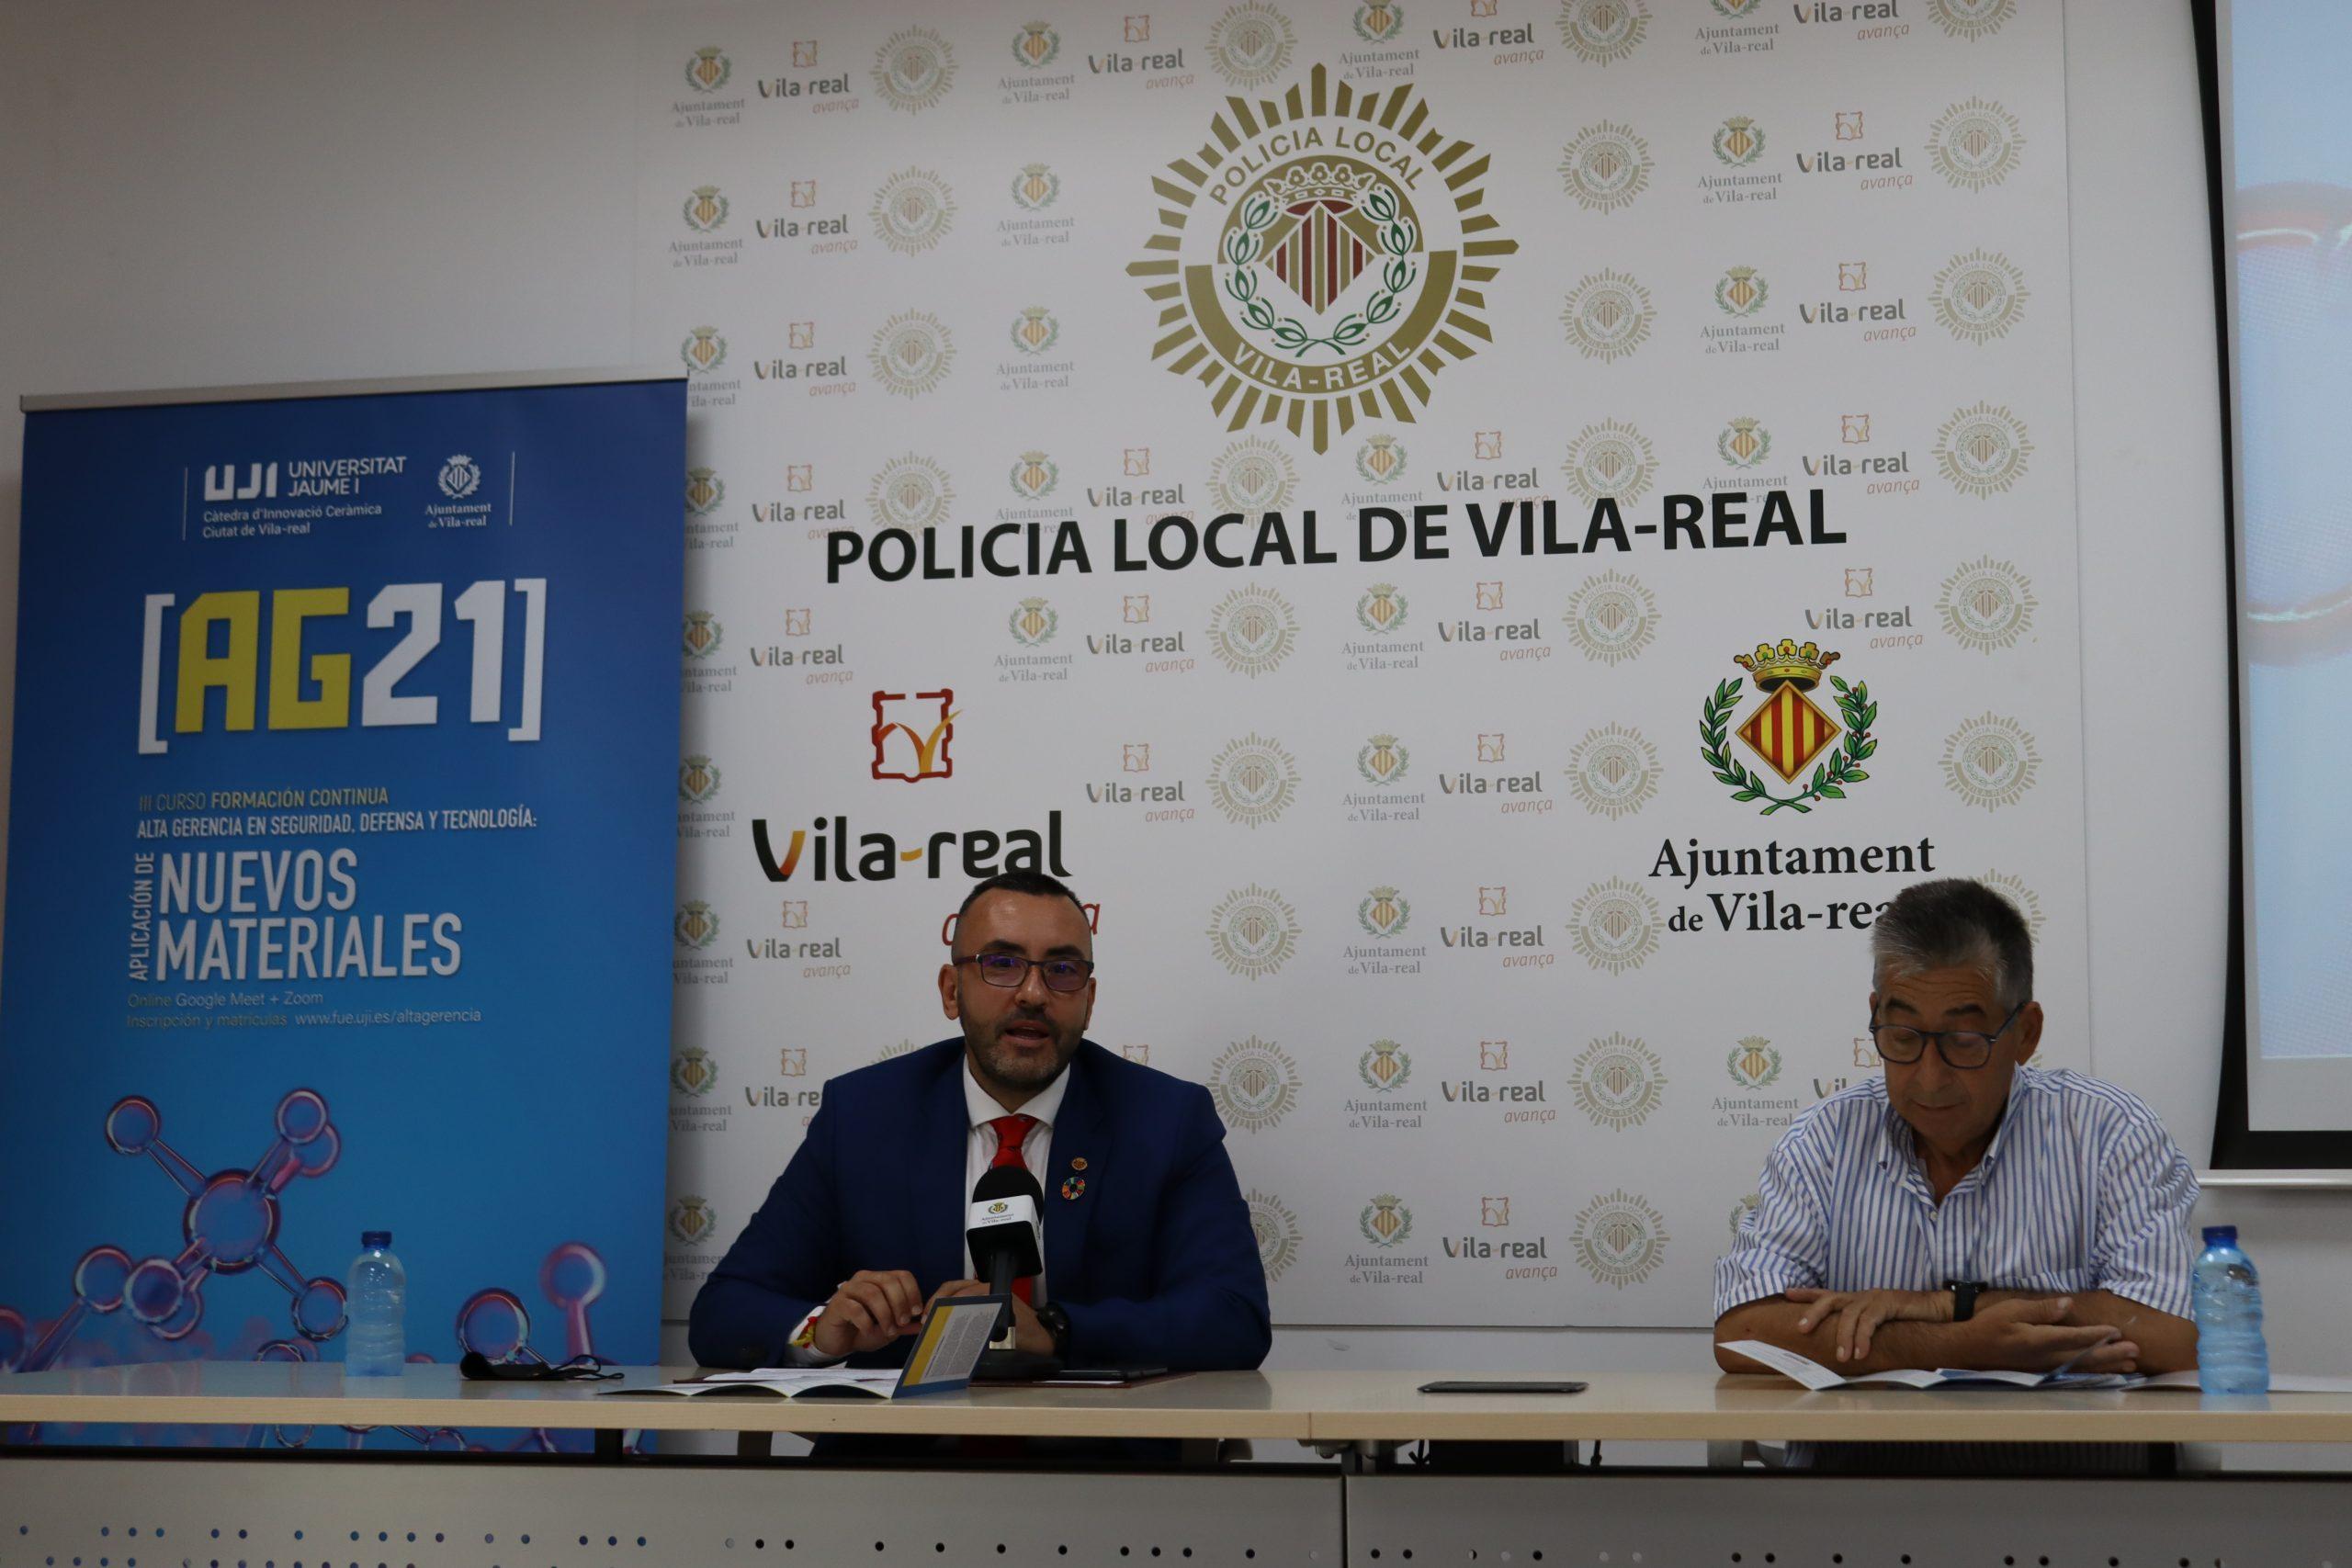 Entrevista al director de la Cátedra de Innovación Cerámica Ciutat de Vila-real, Juan Carda